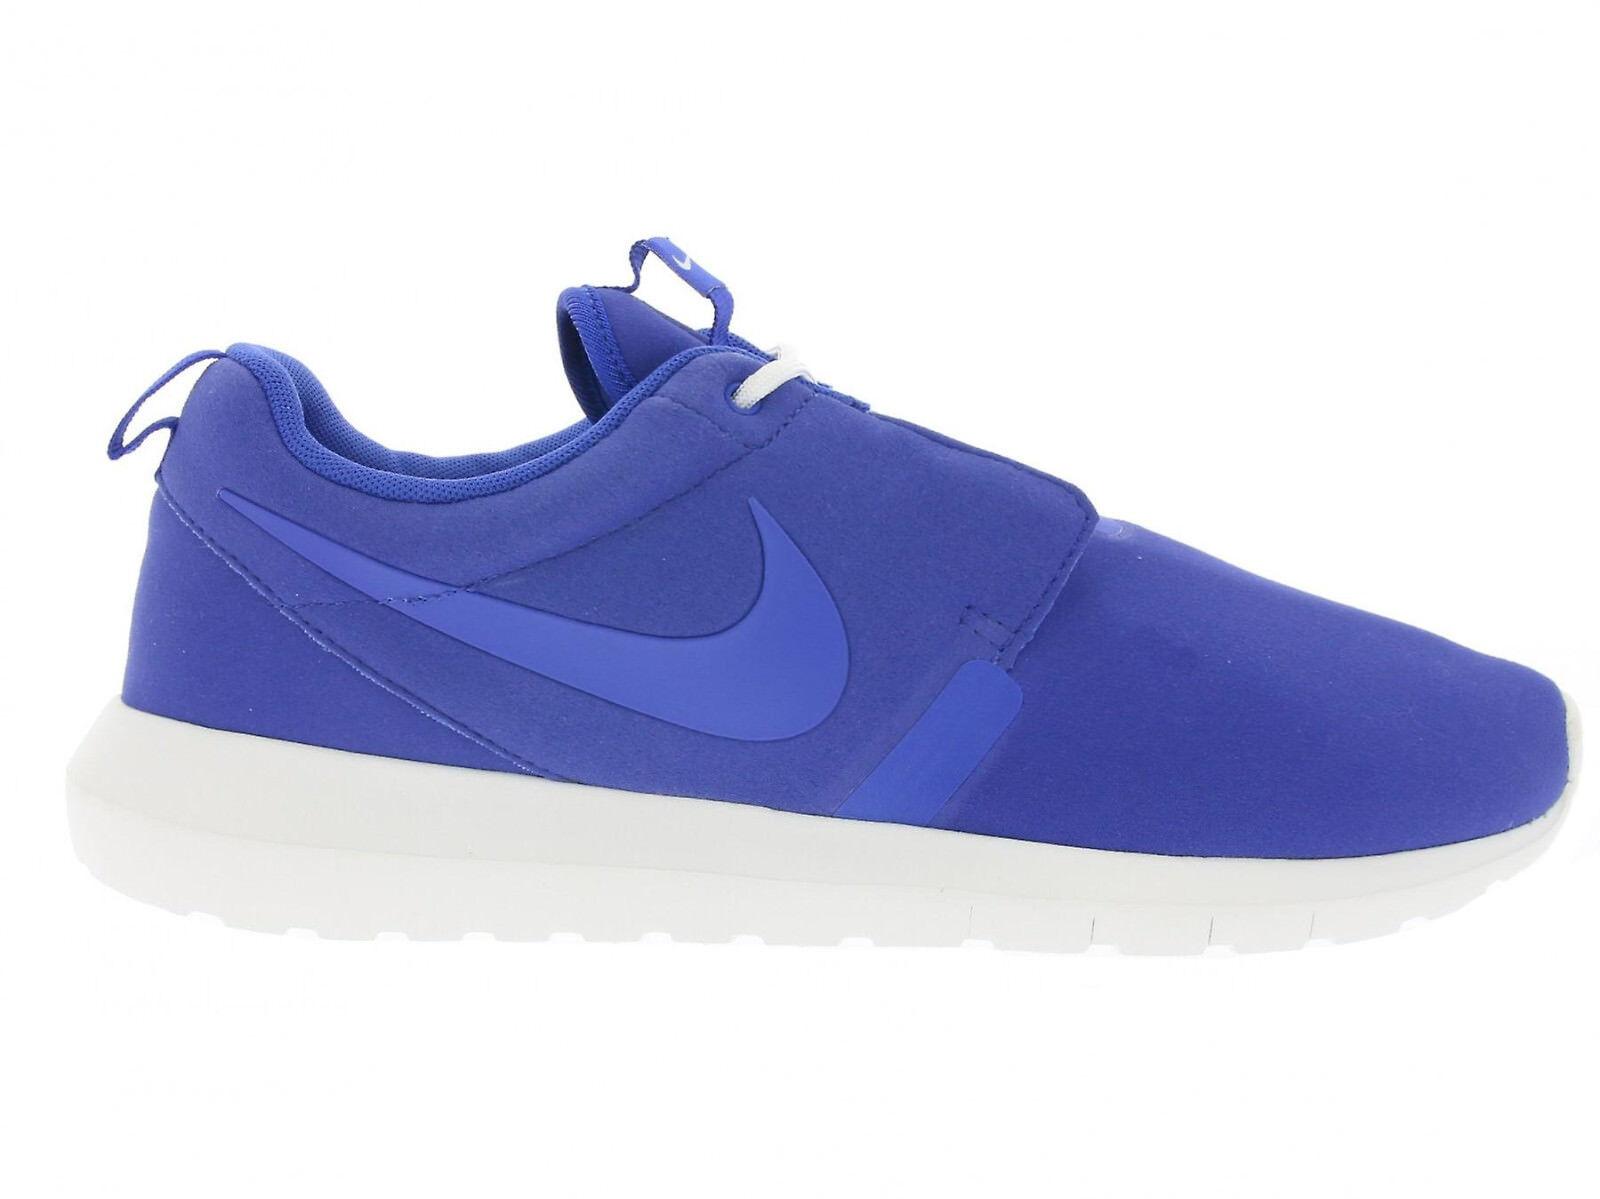 NIKE Rosherun NM Neu Free Presto Gr.42 Gr.42 Gr.42 Blau Sneaker Textil Sommer 90 bleu New dc4b06